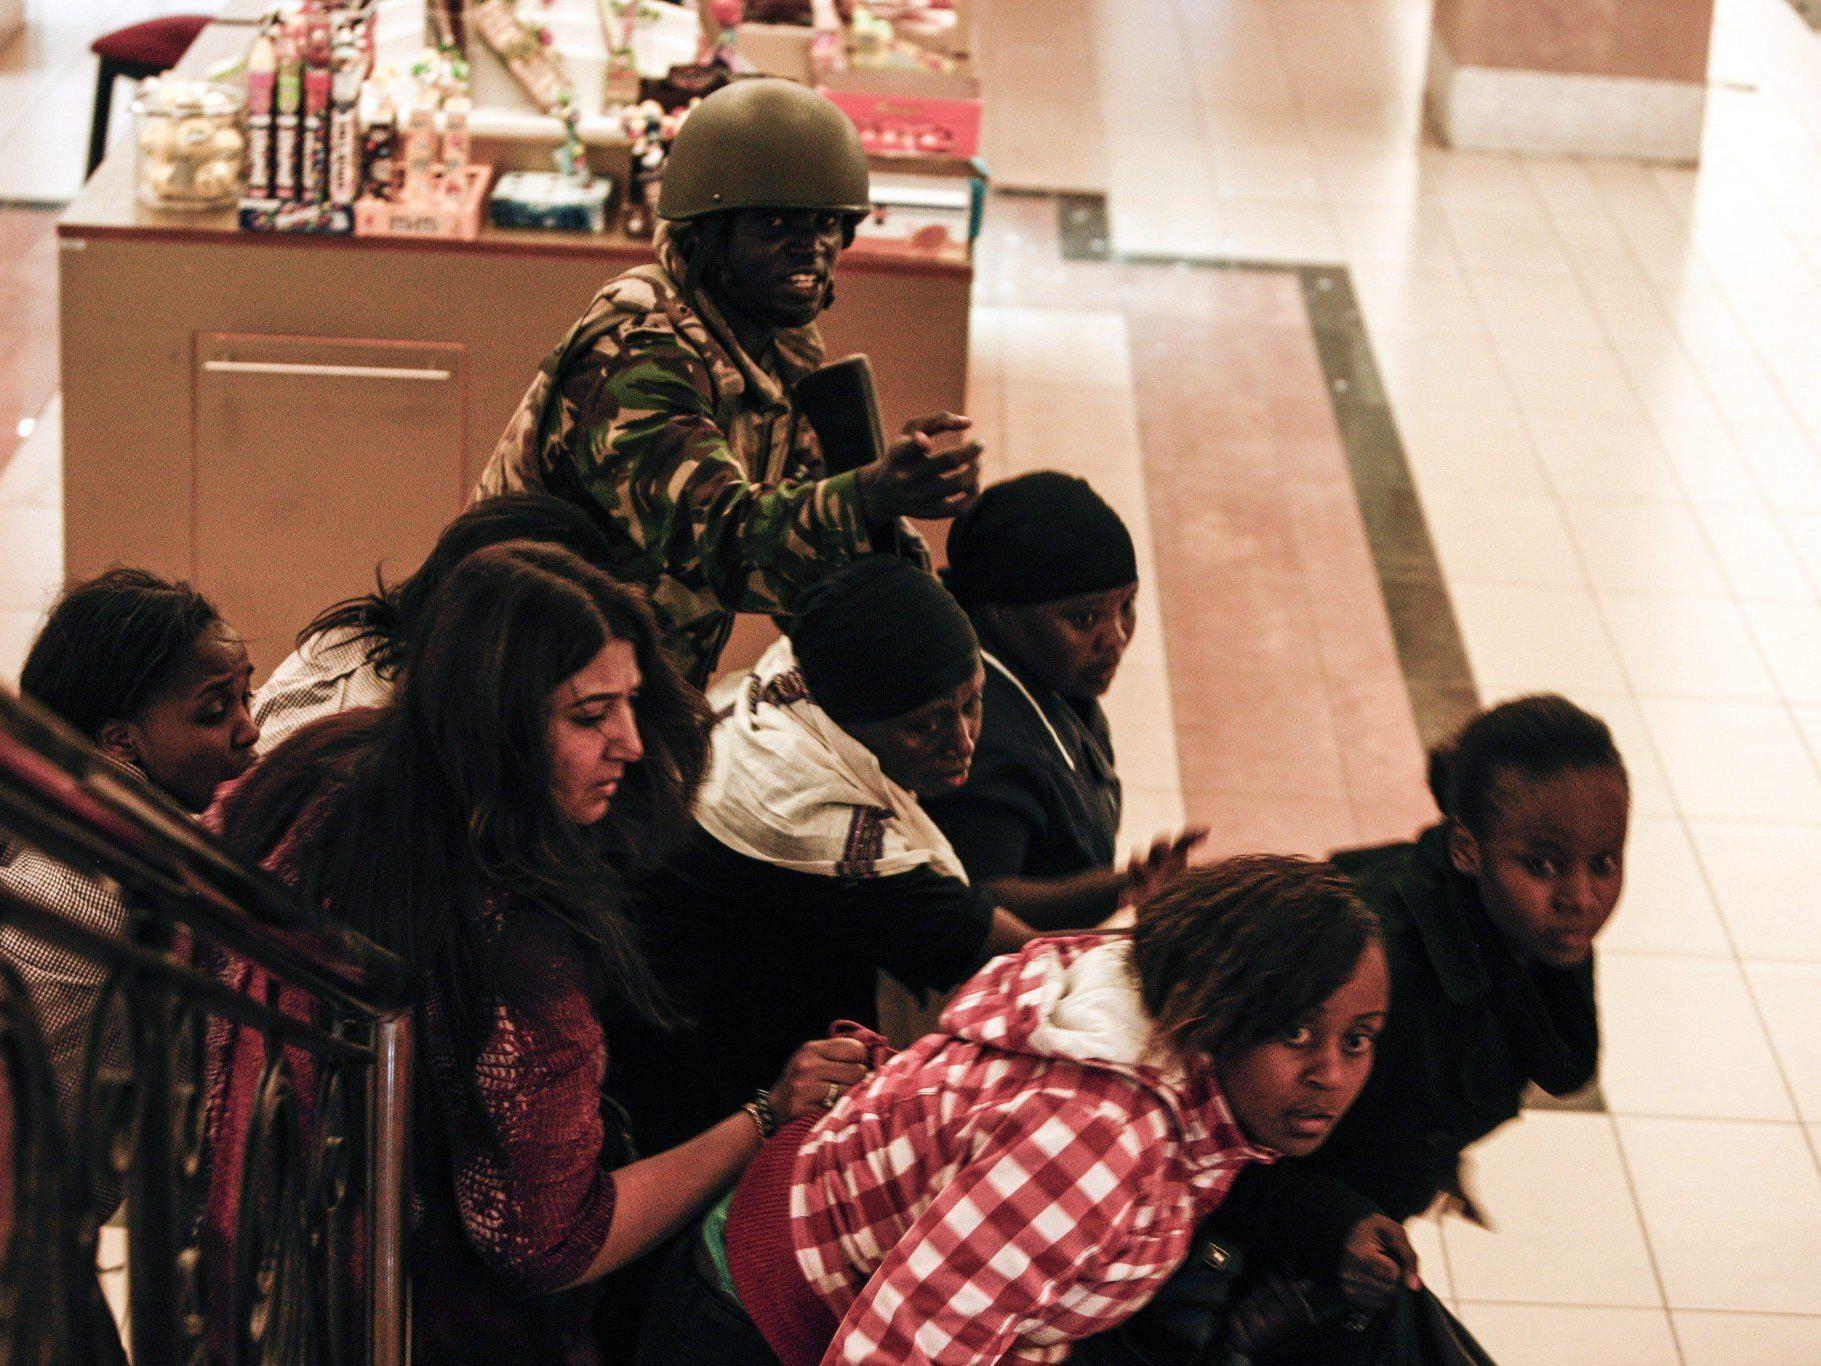 Somalische Al-Shabaab-Miliz bekannte sich zu Blutbad in Shopping Center in Nairobi.